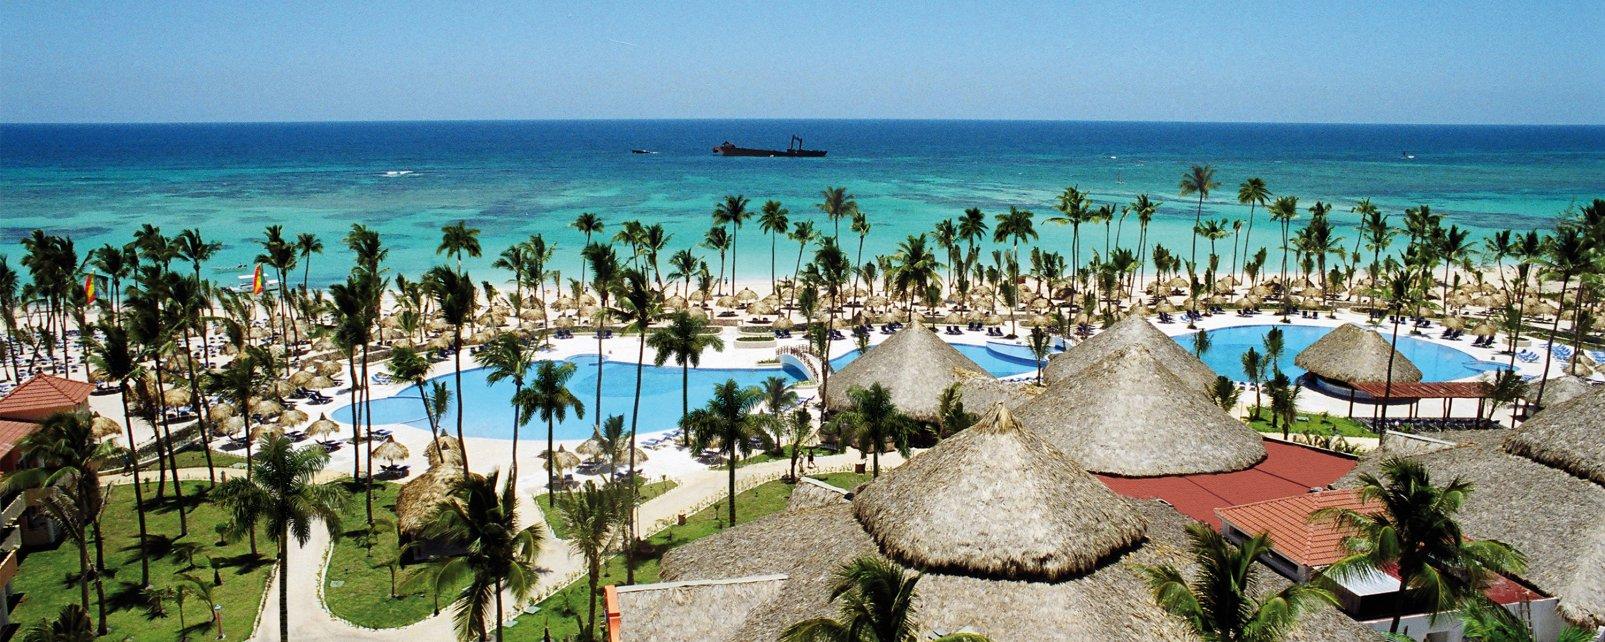 The Best Beach In Punta Cana Dominican Repubklic